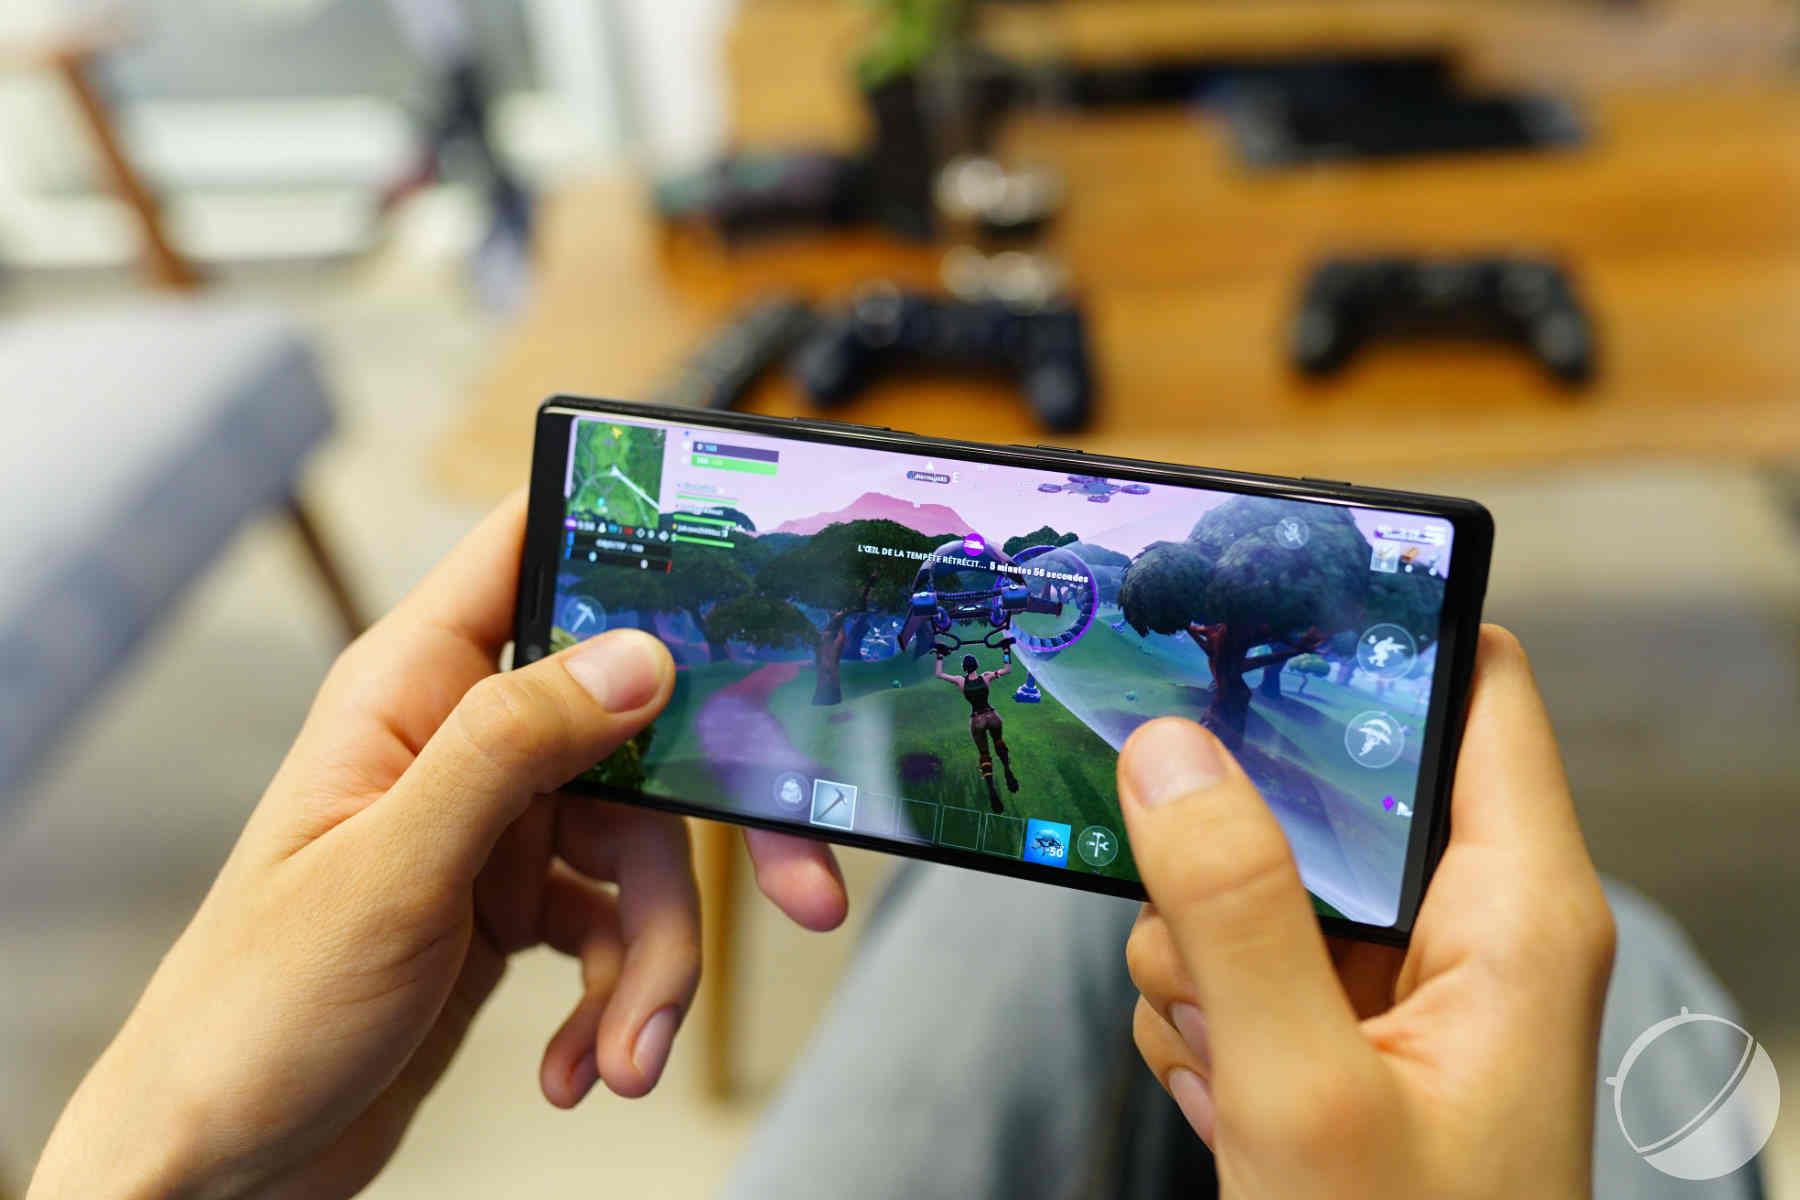 Vượt gaming phone, Xperia 1 trở thành chuẩn điện thoại thi đấu của QQ Speed Mobile